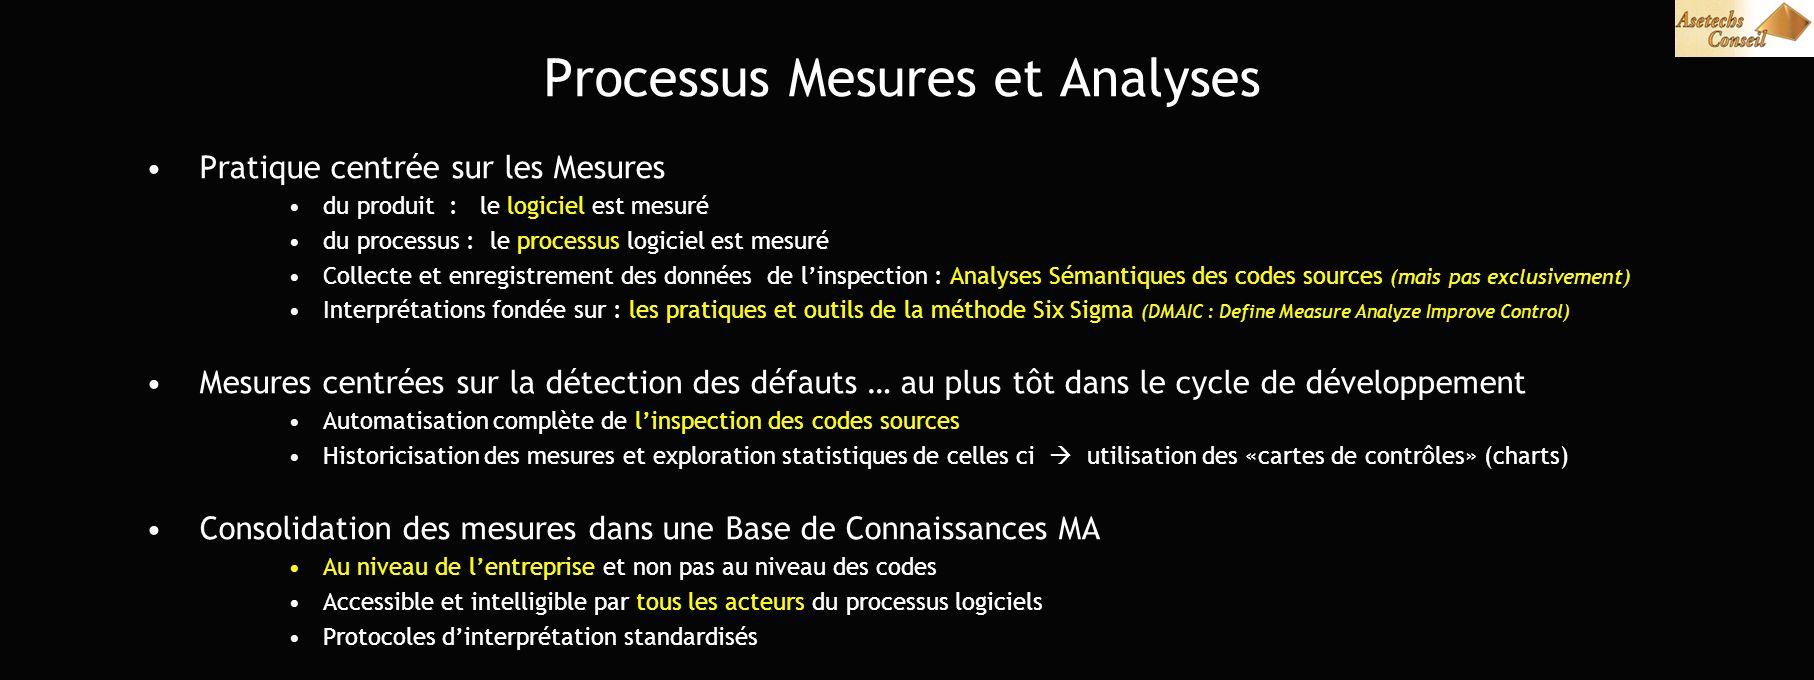 Processus Mesures et Analyses Pratique centrée sur les Mesures du produit : le logiciel est mesuré du processus : le processus logiciel est mesuré Collecte et enregistrement des données de linspection : Analyses Sémantiques des codes sources (mais pas exclusivement) Interprétations fondée sur : les pratiques et outils de la méthode Six Sigma (DMAIC : Define Measure Analyze Improve Control) Mesures centrées sur la détection des défauts … au plus tôt dans le cycle de développement Automatisation complète de linspection des codes sources Historicisation des mesures et exploration statistiques de celles ci utilisation des «cartes de contrôles» (charts) Consolidation des mesures dans une Base de Connaissances MA Au niveau de lentreprise et non pas au niveau des codes Accessible et intelligible par tous les acteurs du processus logiciels Protocoles dinterprétation standardisés